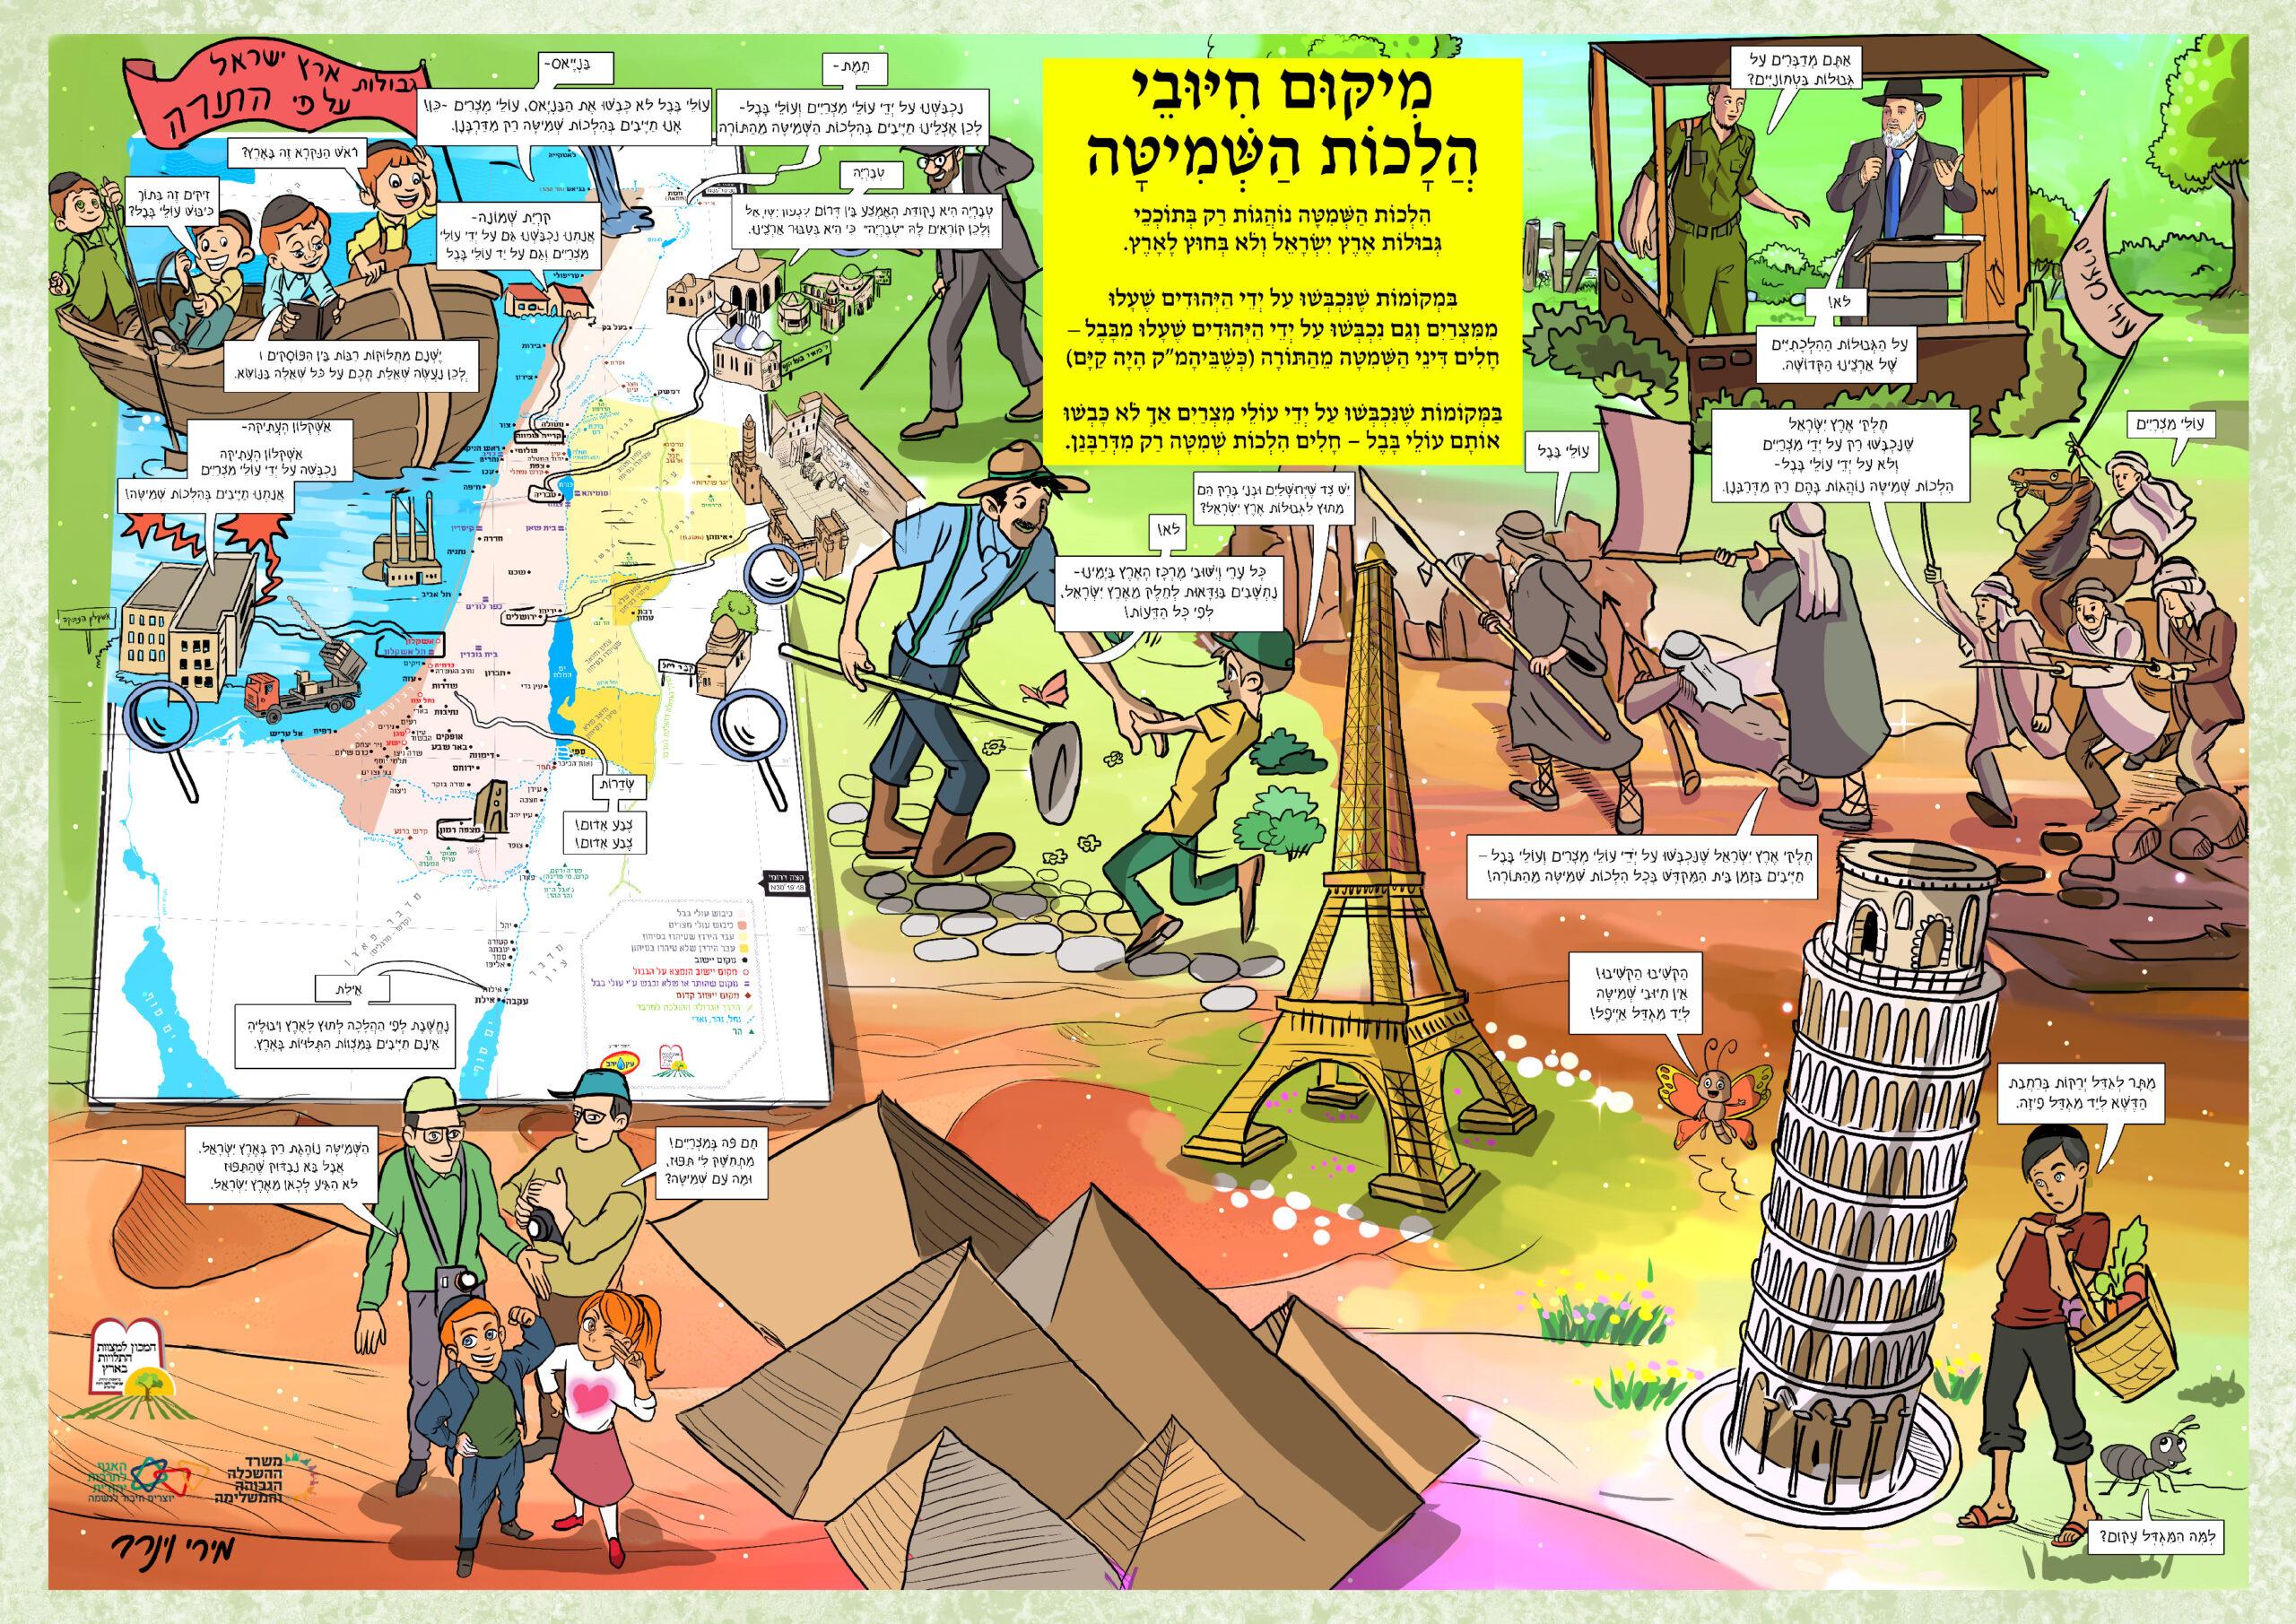 עולי מצרים/ עולי בבל